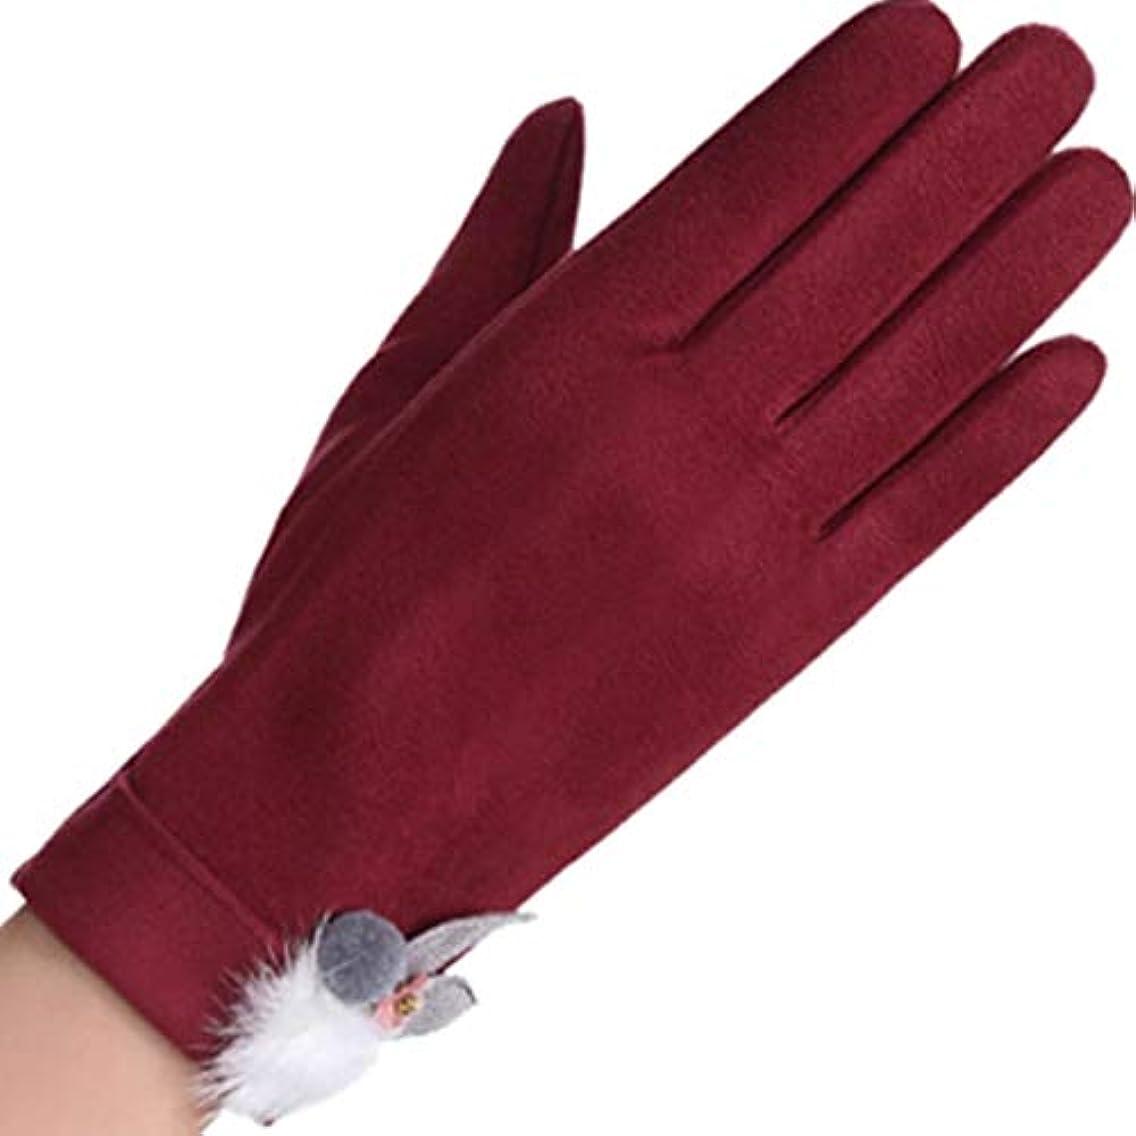 スナッチコーン流産手袋の女性の暖かいタッチスクリーンの手袋冬の防風プラスベルベットの女性の毛の手袋の黒ワインレッド (色 : 赤ワイン)